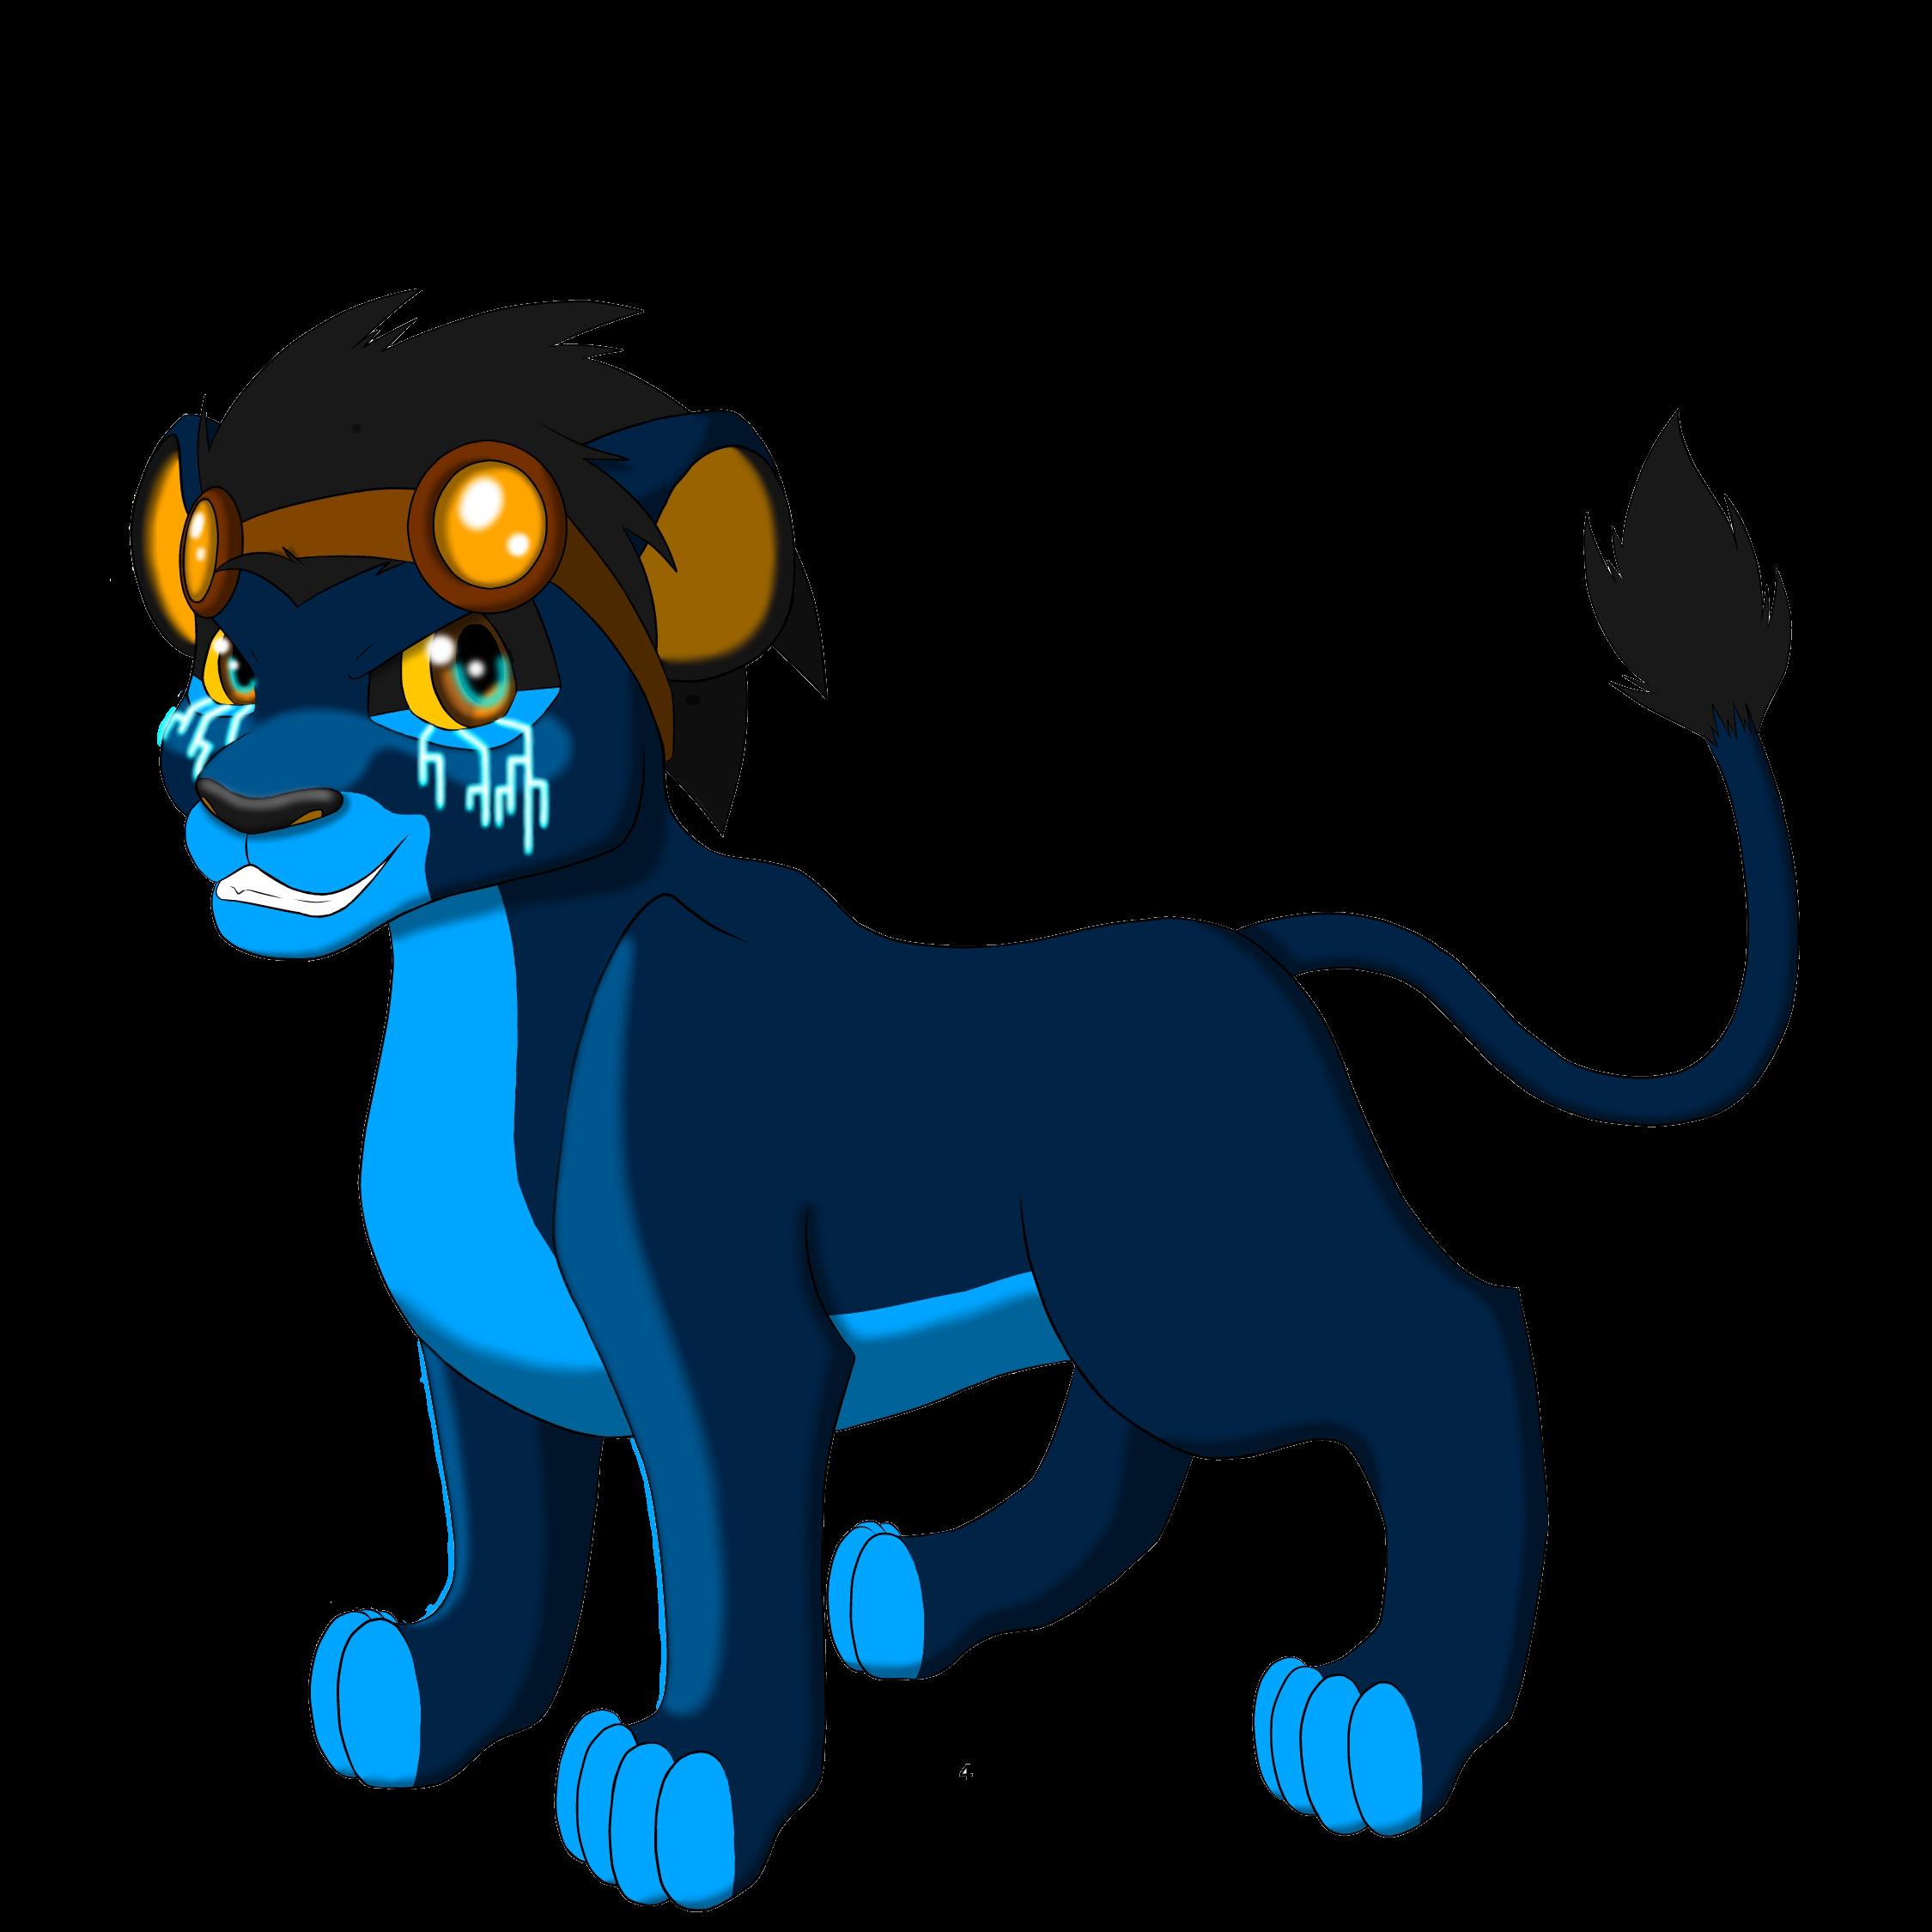 generator rex lion cub by xfoxblaze fan art digital art drawings ...